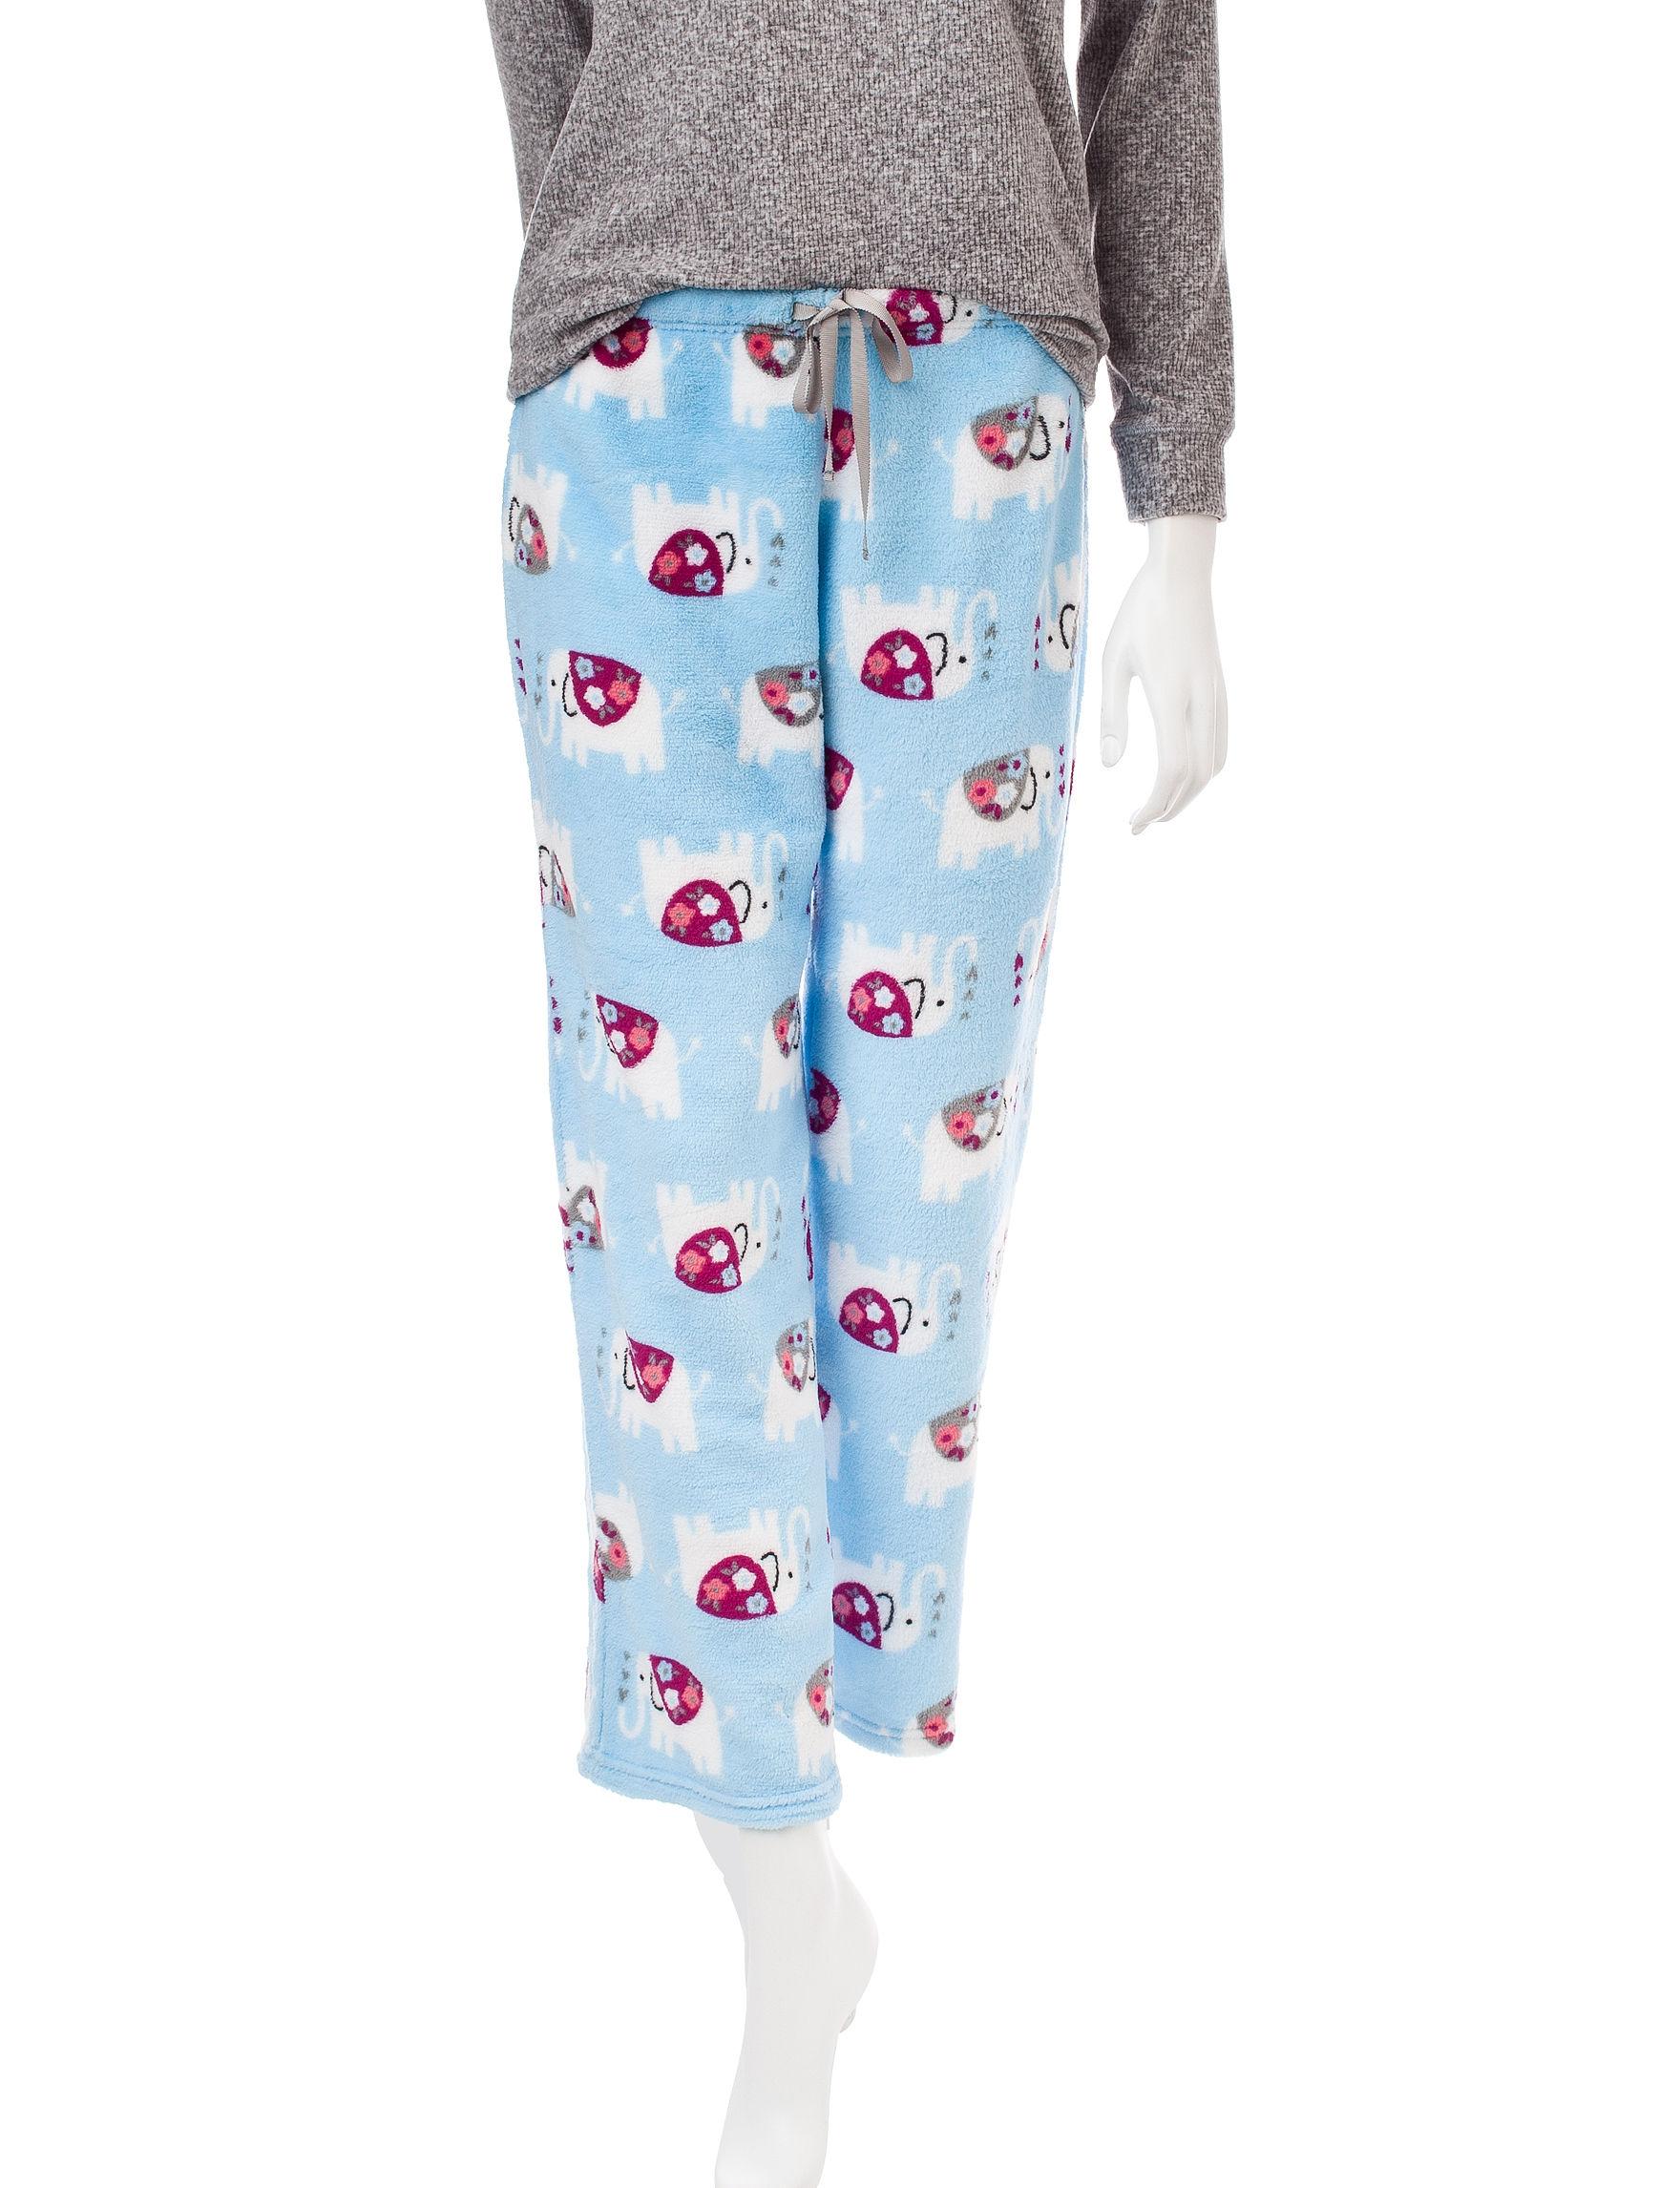 Wishful Park Blue Multi Pajama Bottoms